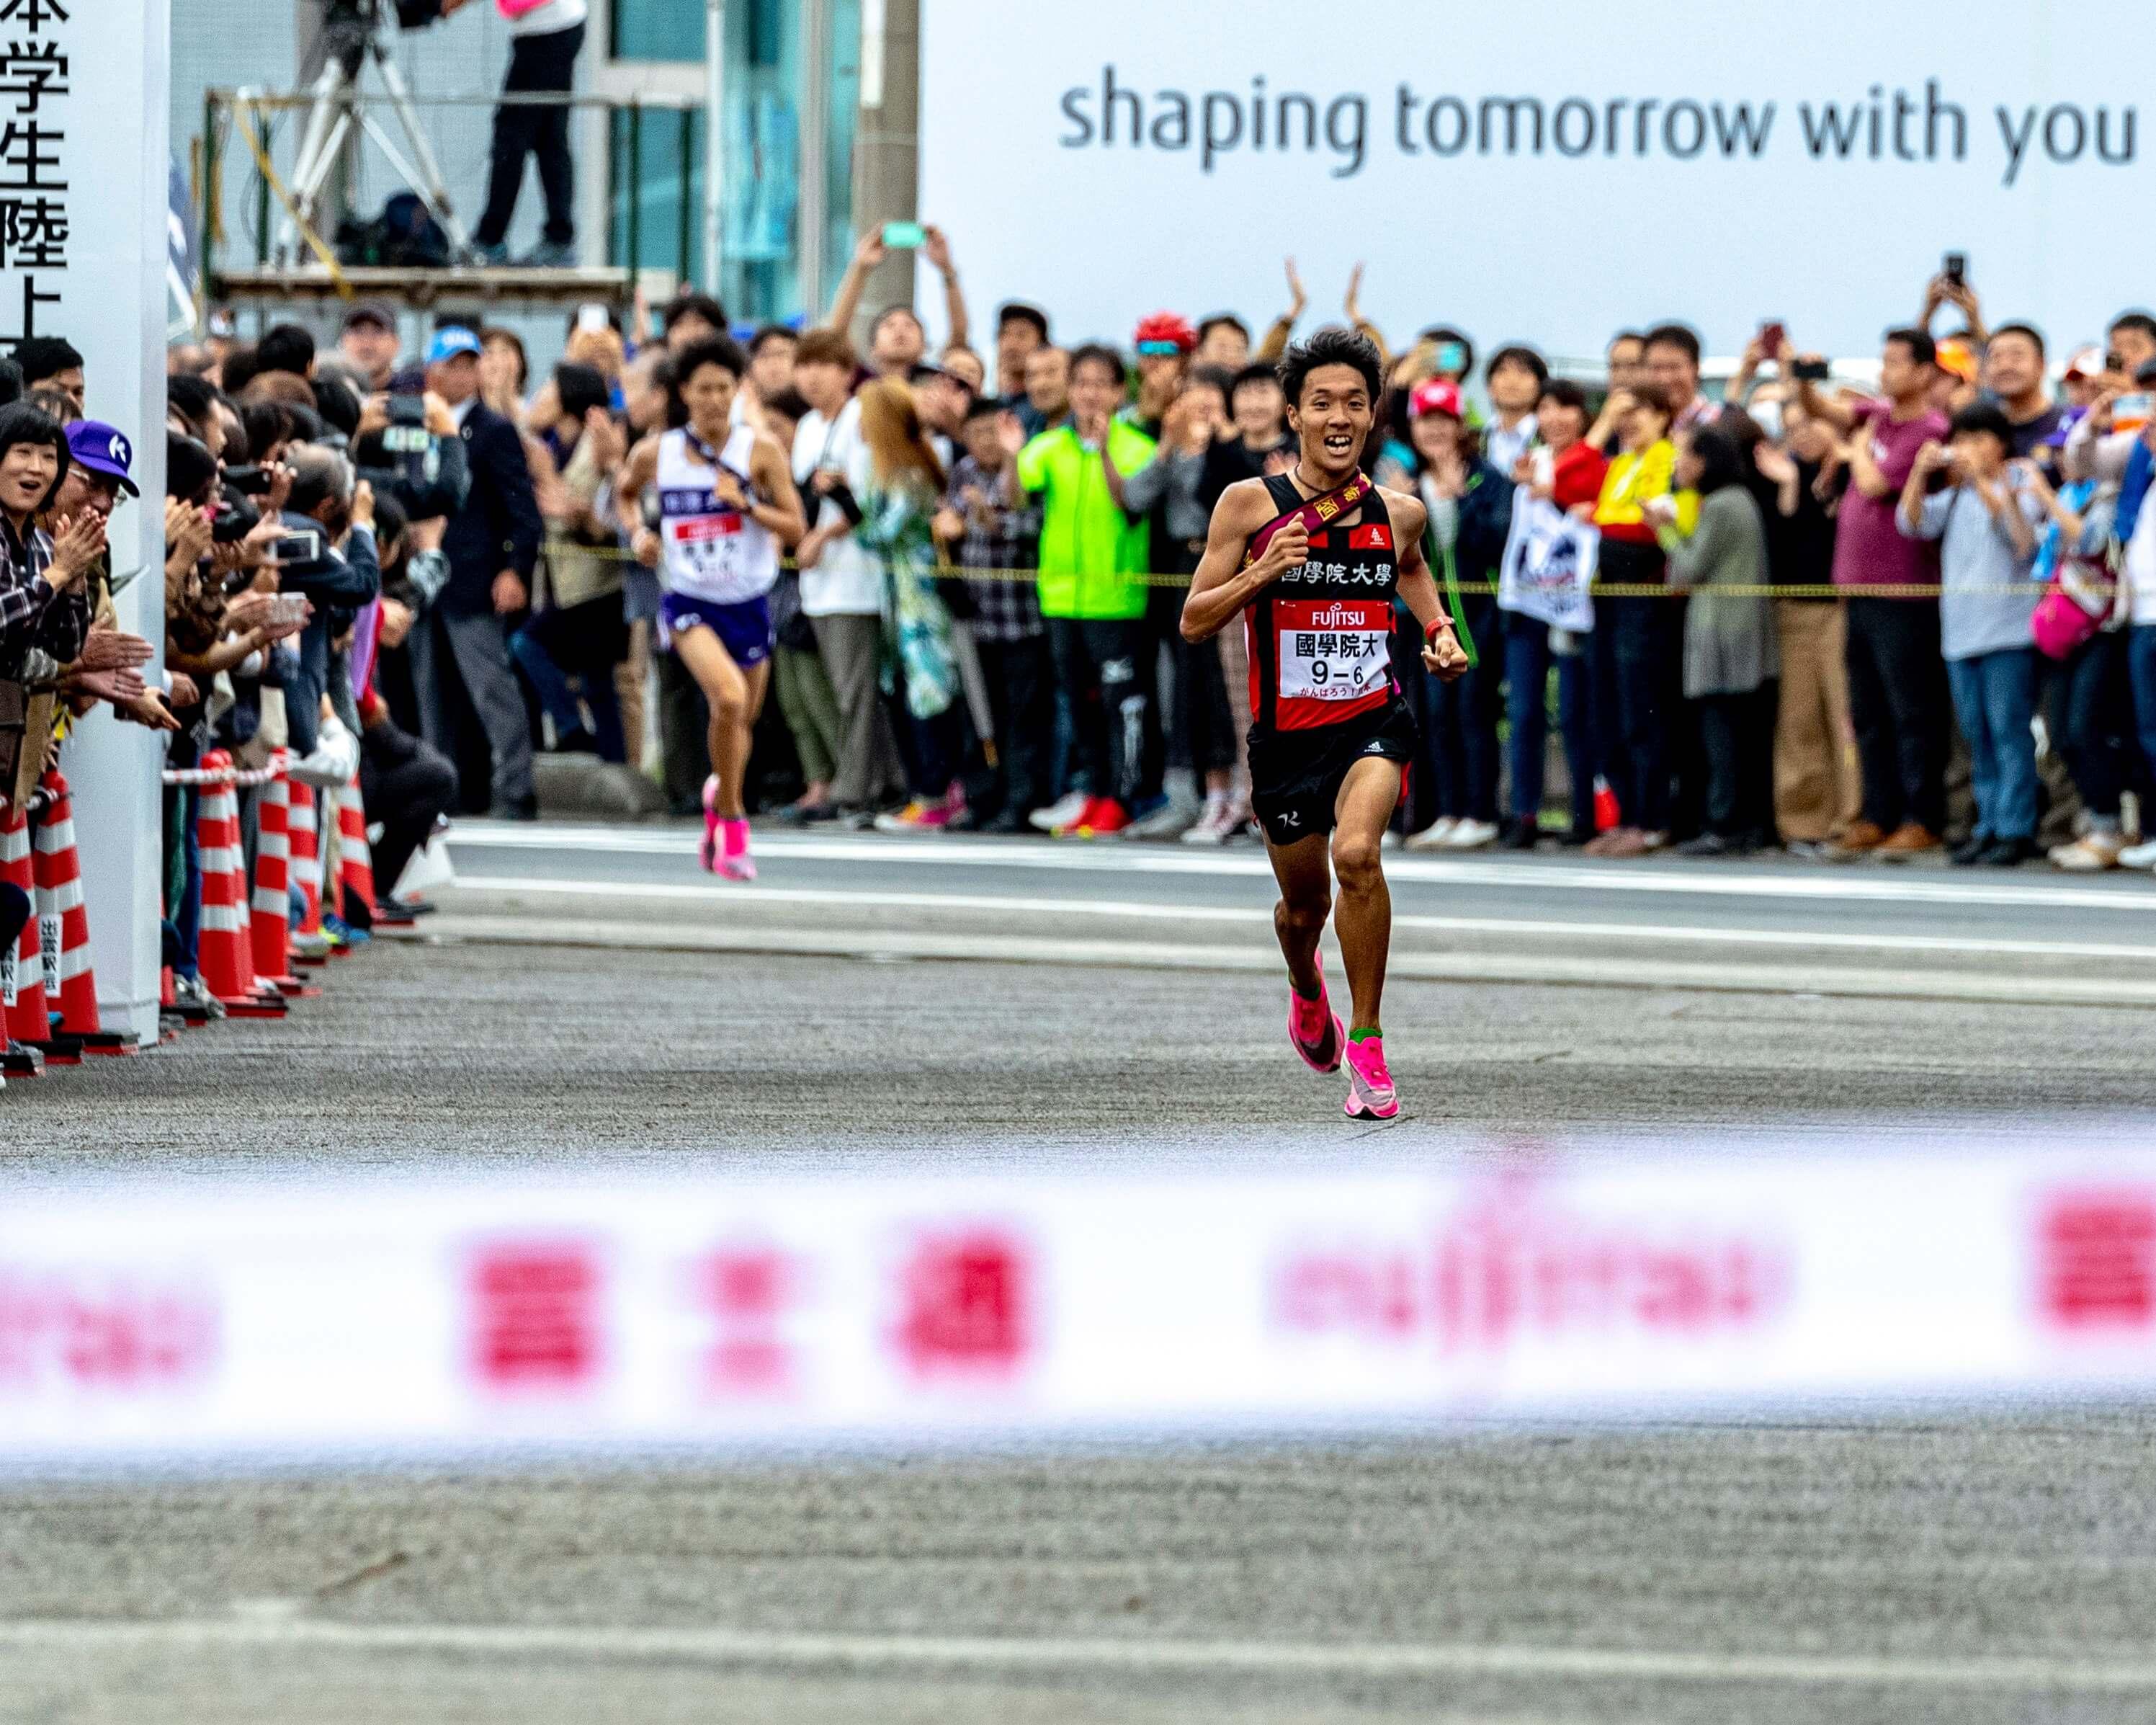 いよいよ出雲駅伝&金沢マラソン開催へ~Track Town JPN第78回2021年10月8日